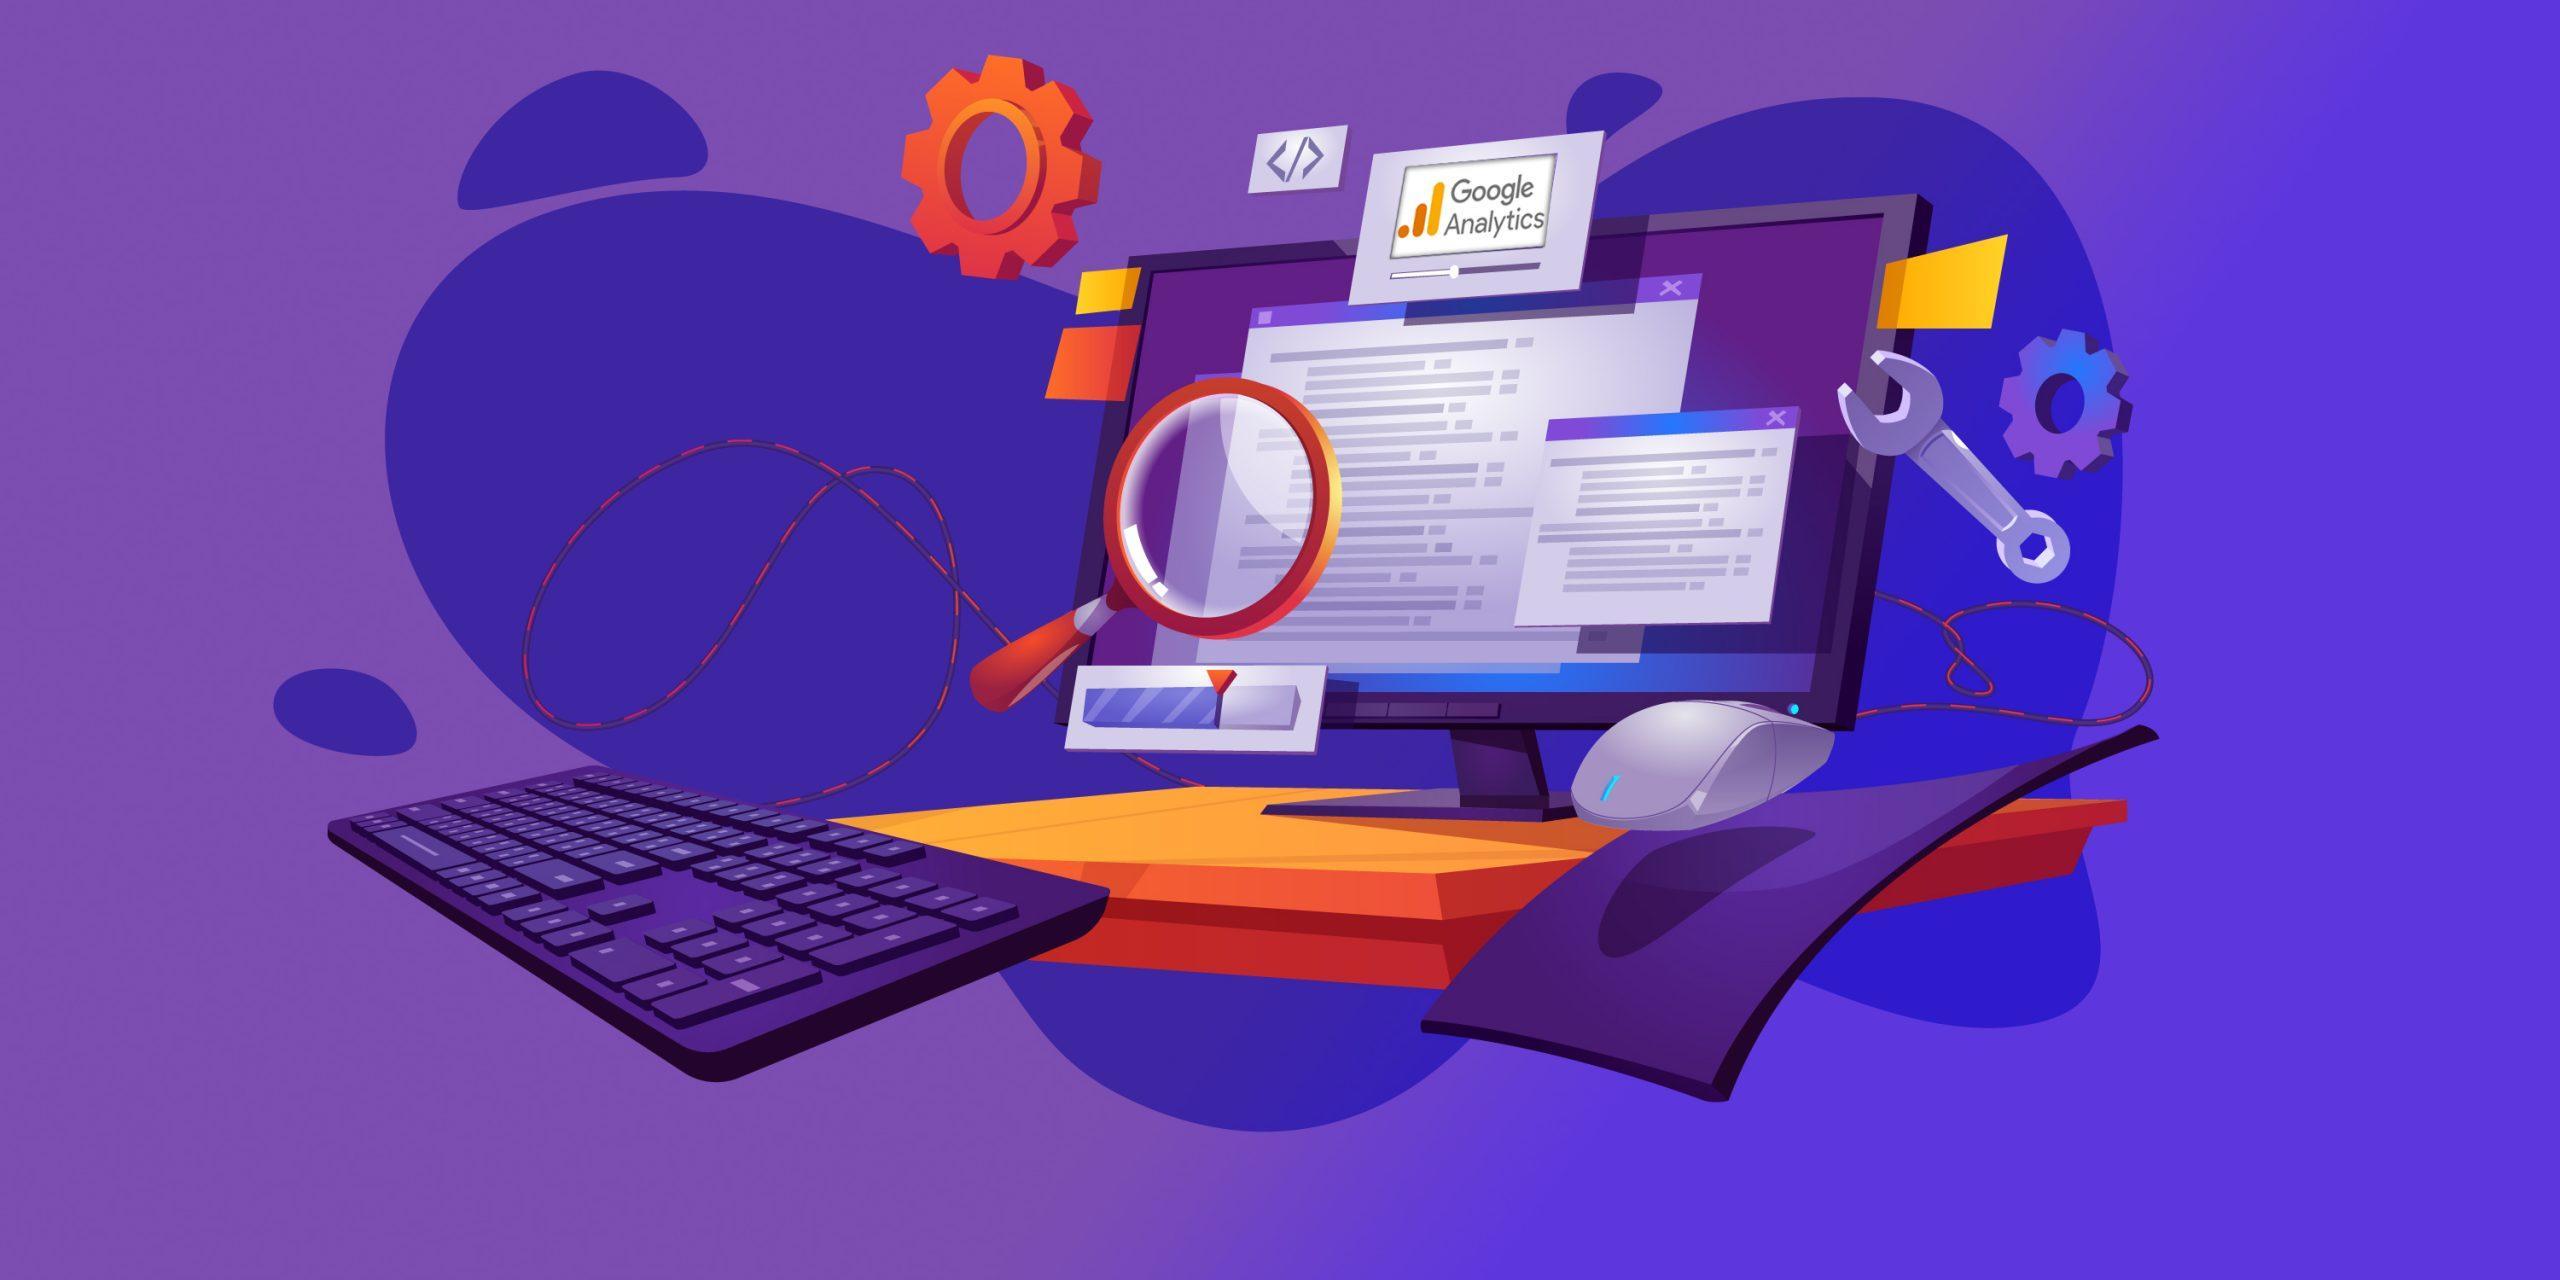 {:en}Поисковые запросы в Google Analytics: разбираем все источники данных{:}{:ru}Поисковые запросы в Google Analytics: разбираем все источники данных {:}